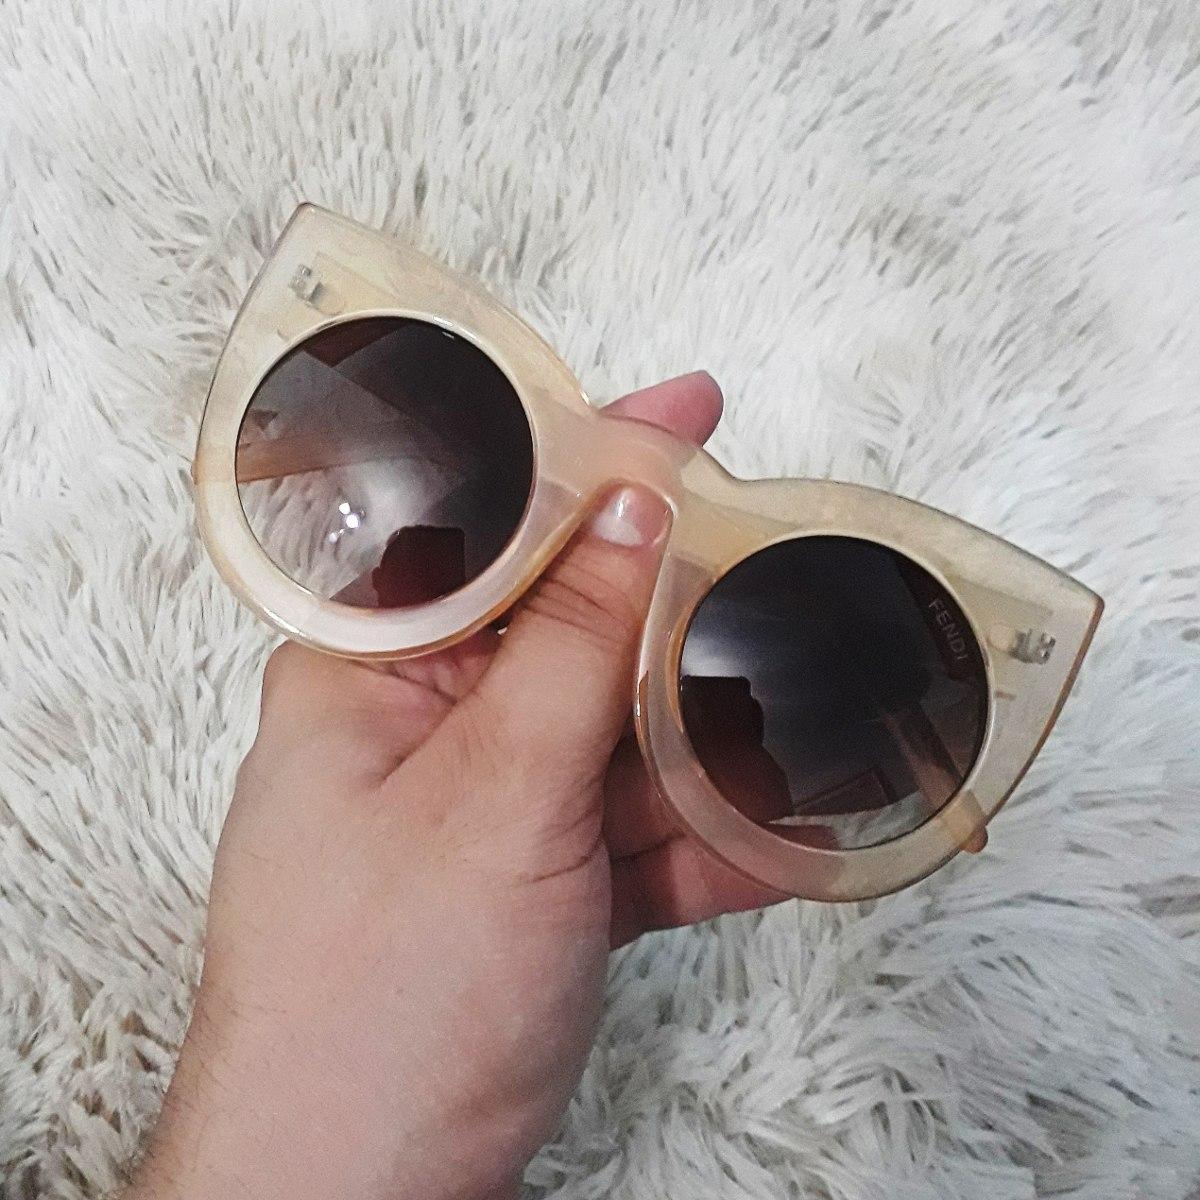 a551e83dae115 óculos de sol fendi lolly gatinho nude grande uv400. Carregando zoom.